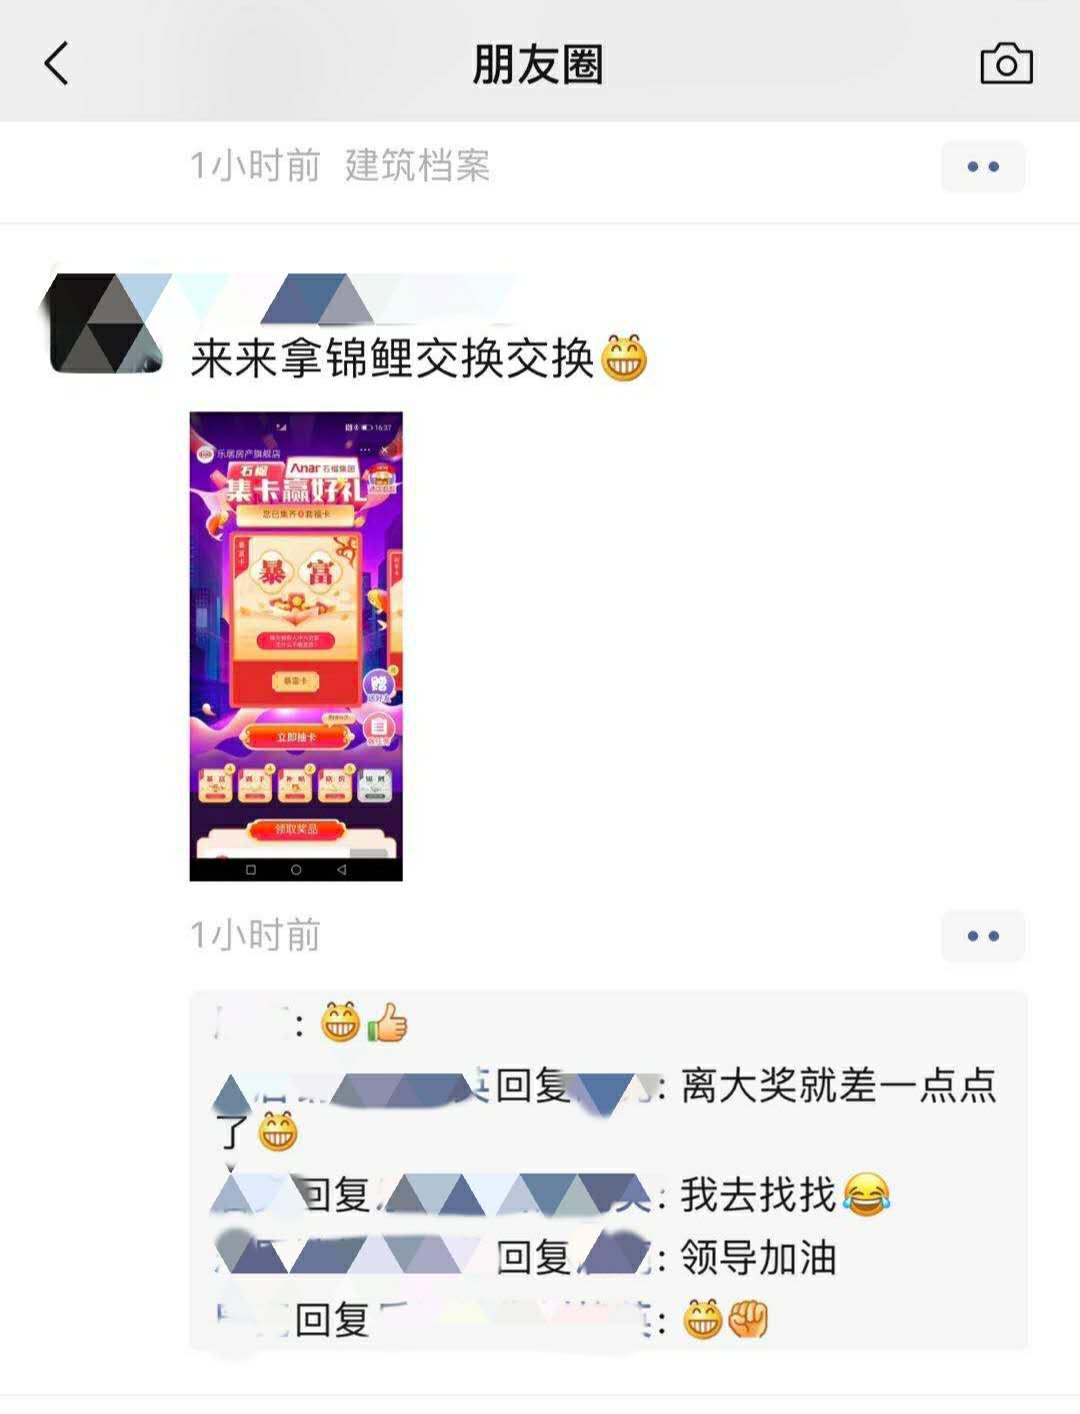 """华润北京两楼盘加入""""好房双十一"""" 已有超6.9万人获锦鲤抽奖资格"""